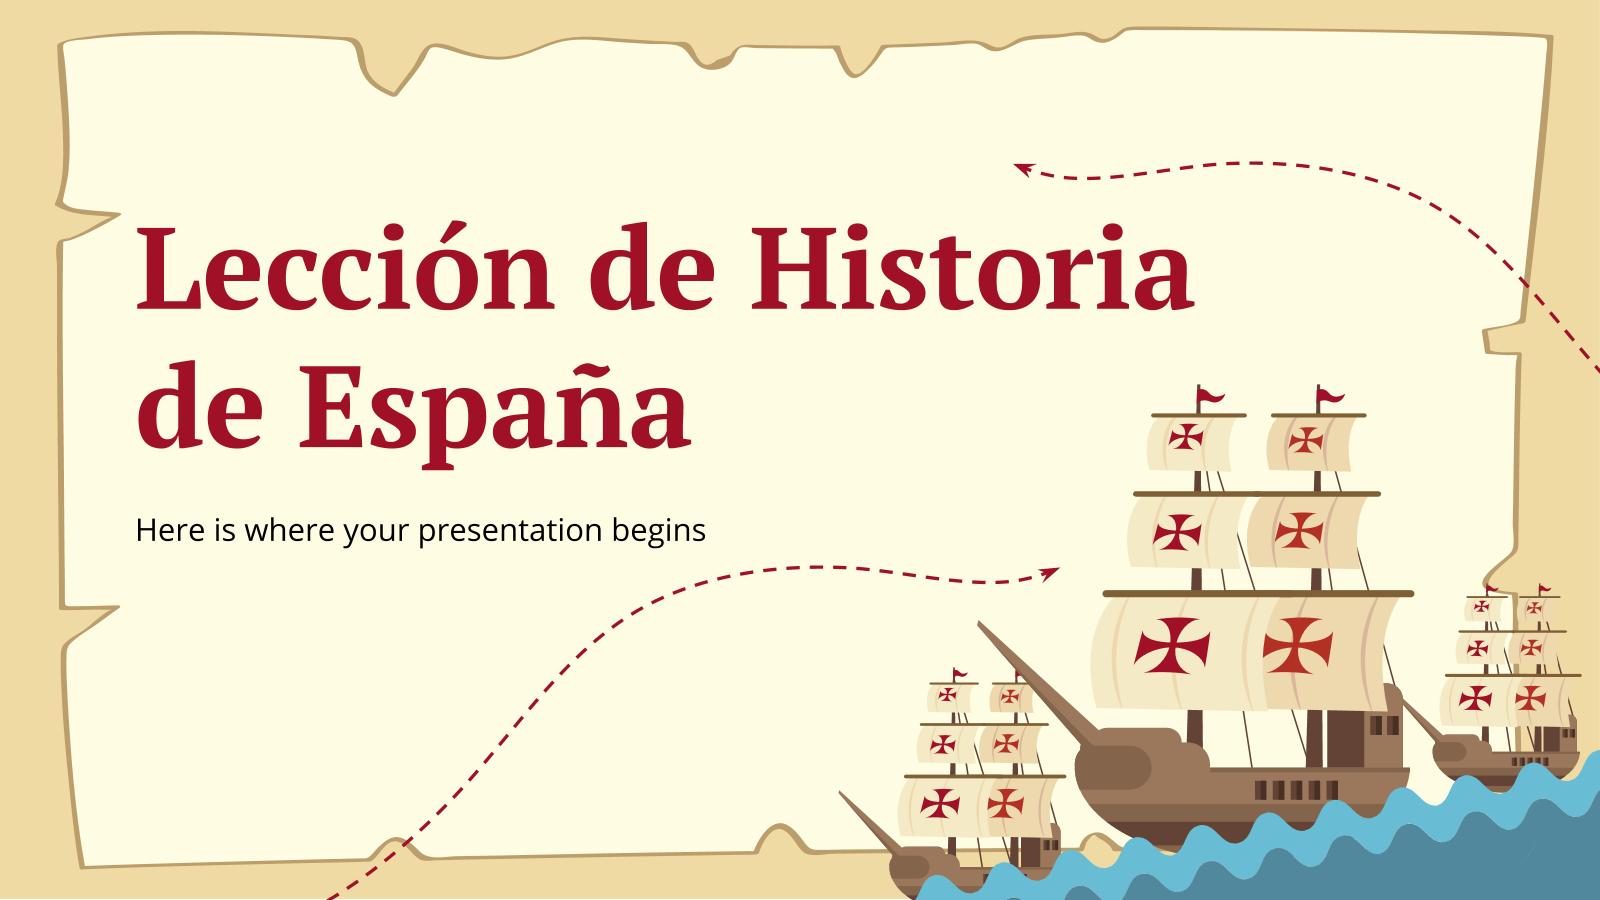 Modelo de apresentação Lección de Historia de España